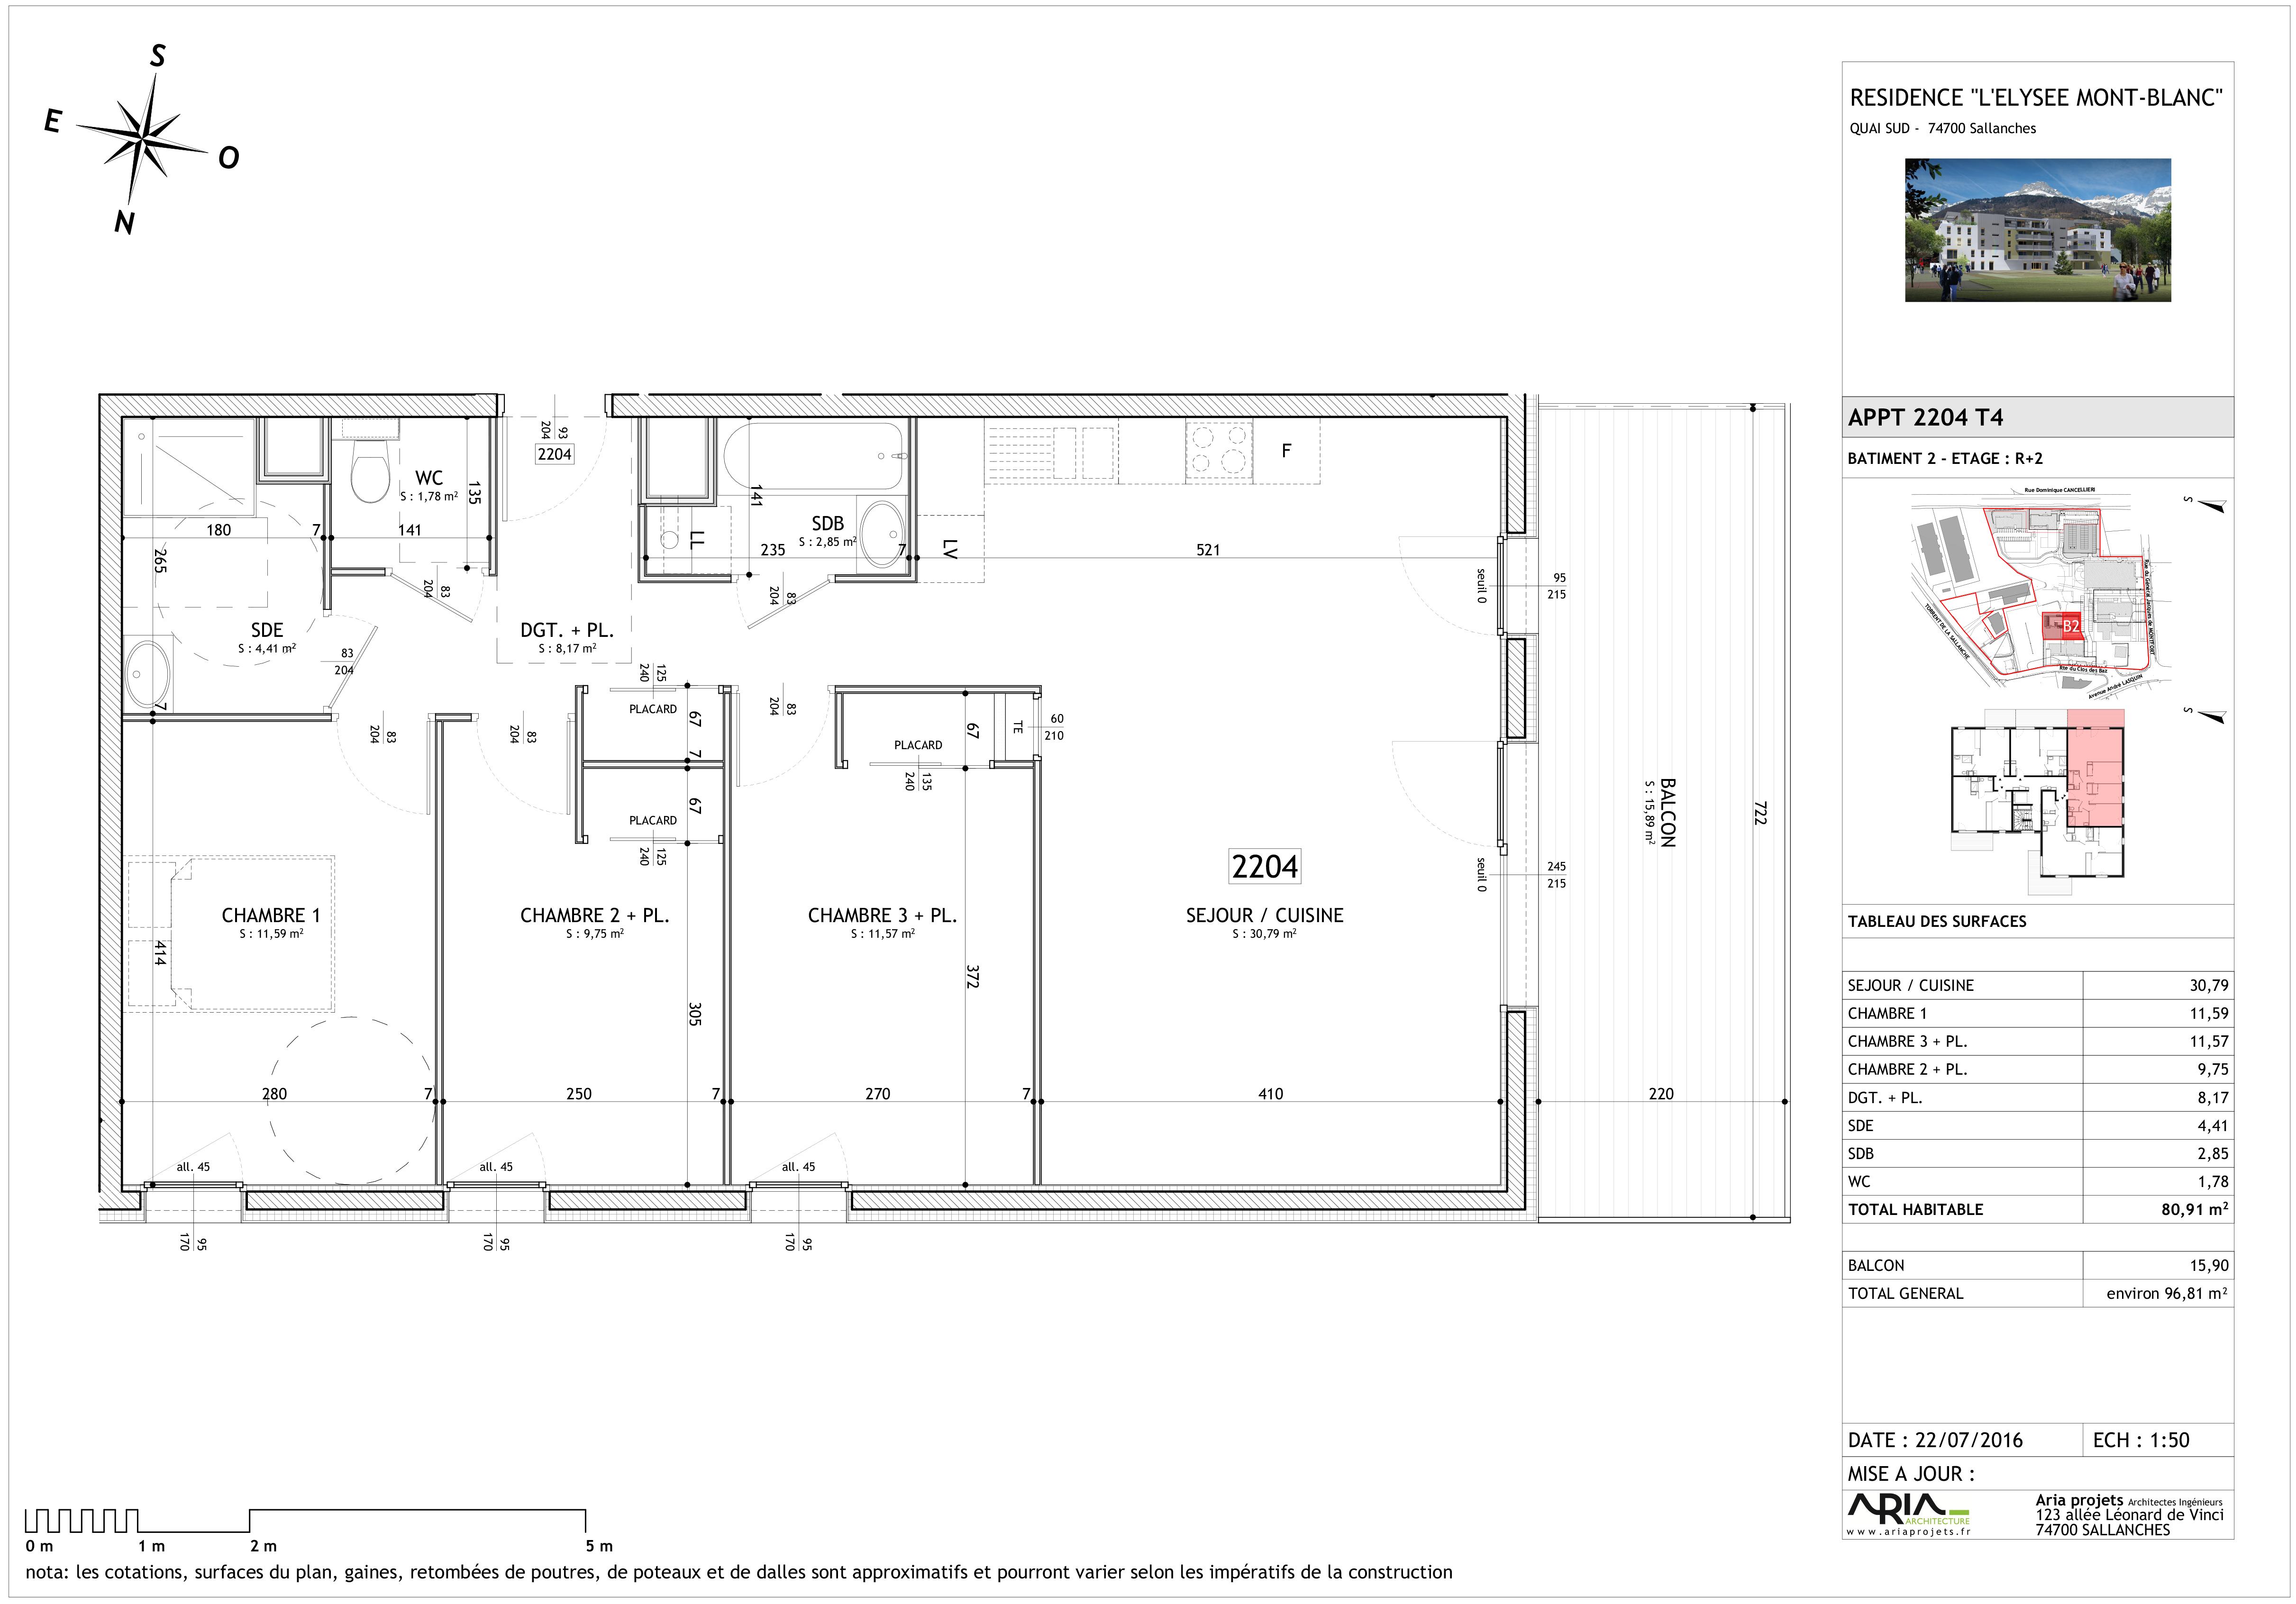 appartement 2204 de type T4